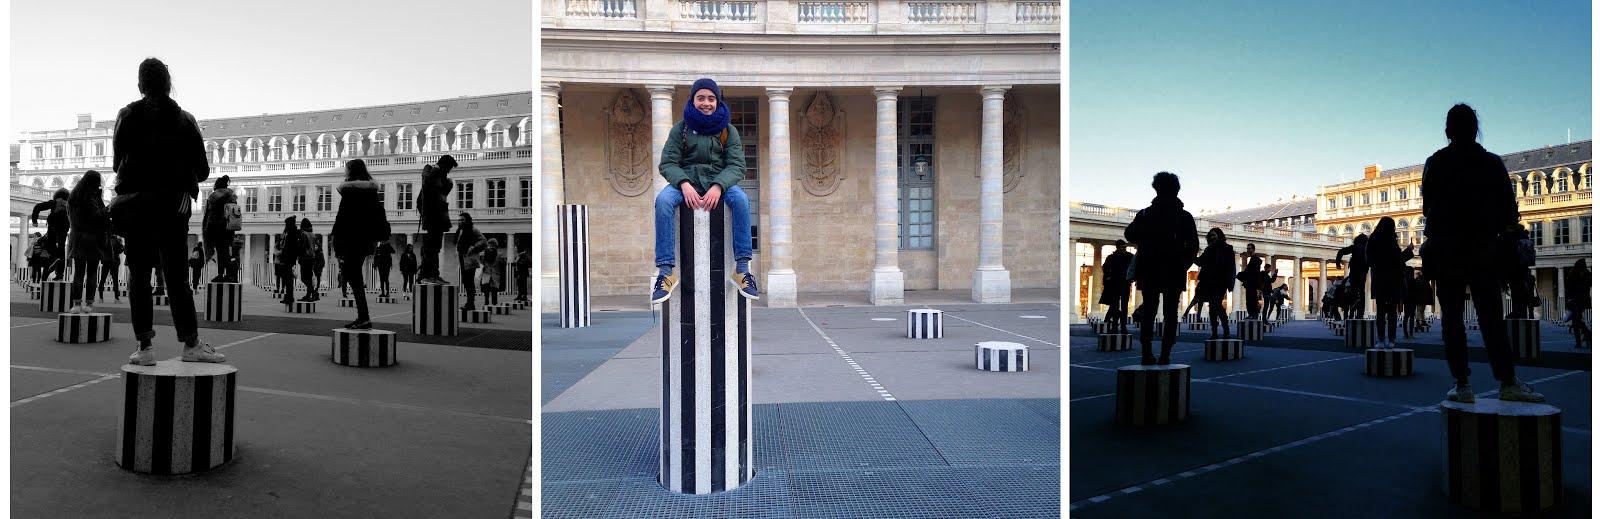 Arsa live d placement portes ouvertes paris - Olivier de serres portes ouvertes ...